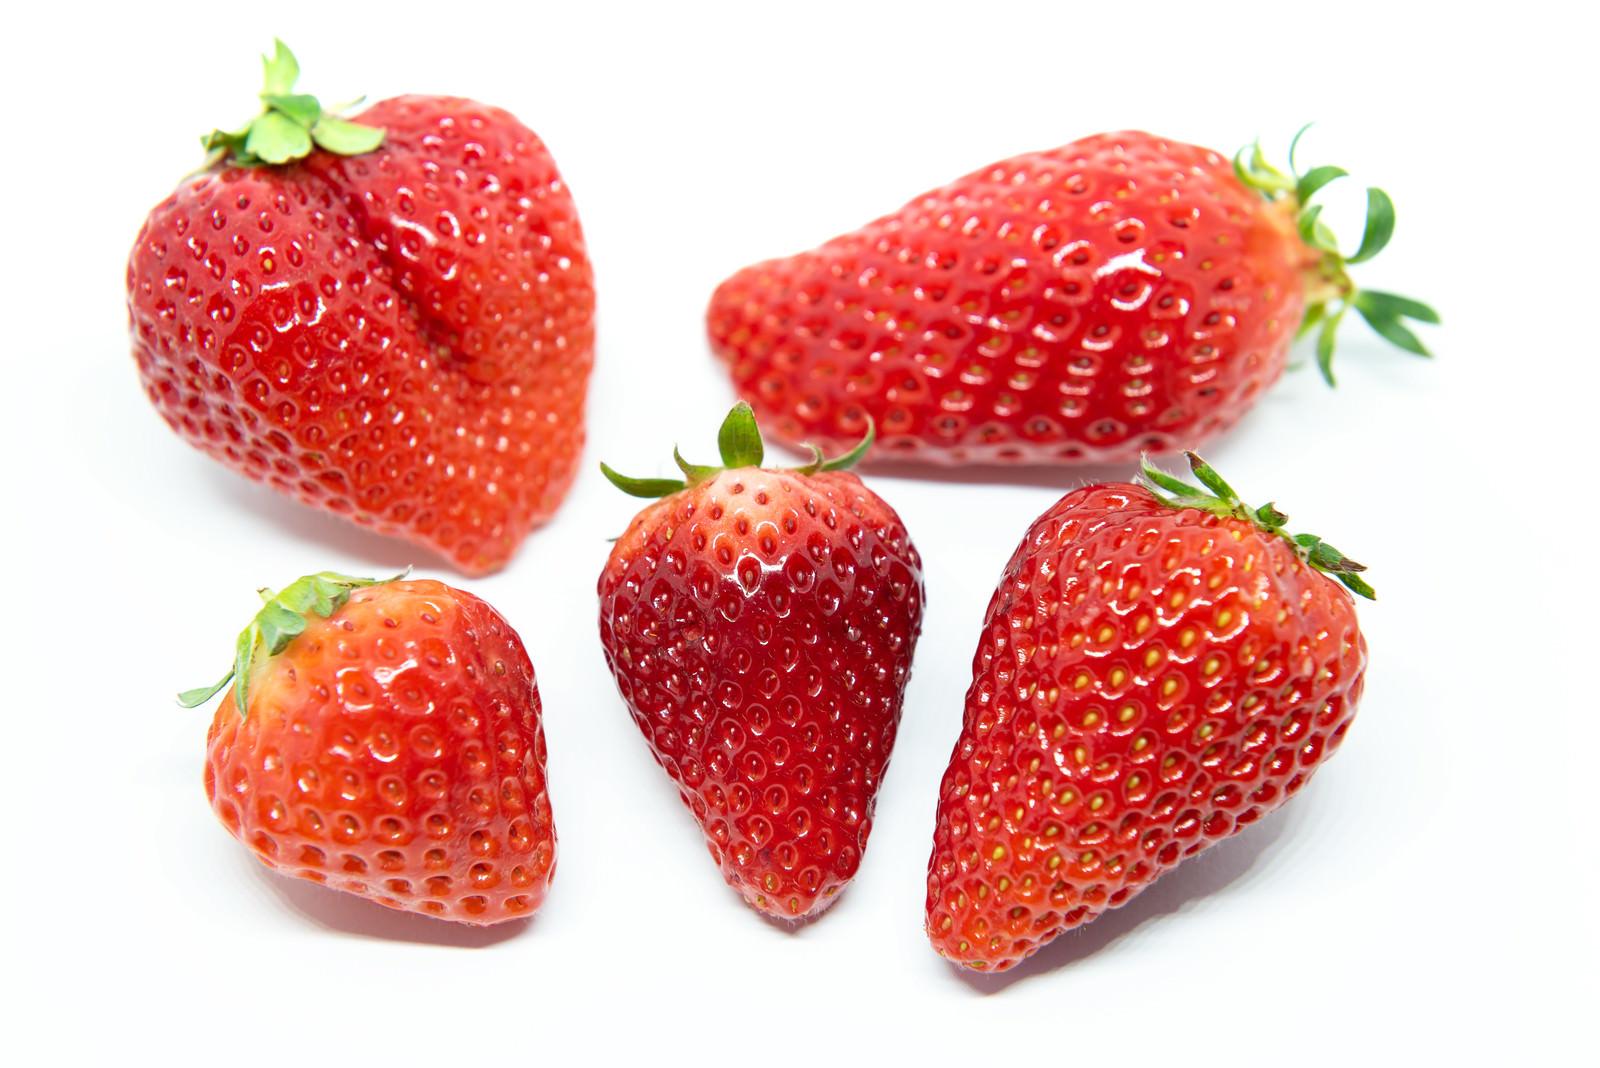 「苺比較(あまおう、章姫、さがほのか、紅ほっぺ、とちおとめ)」の写真